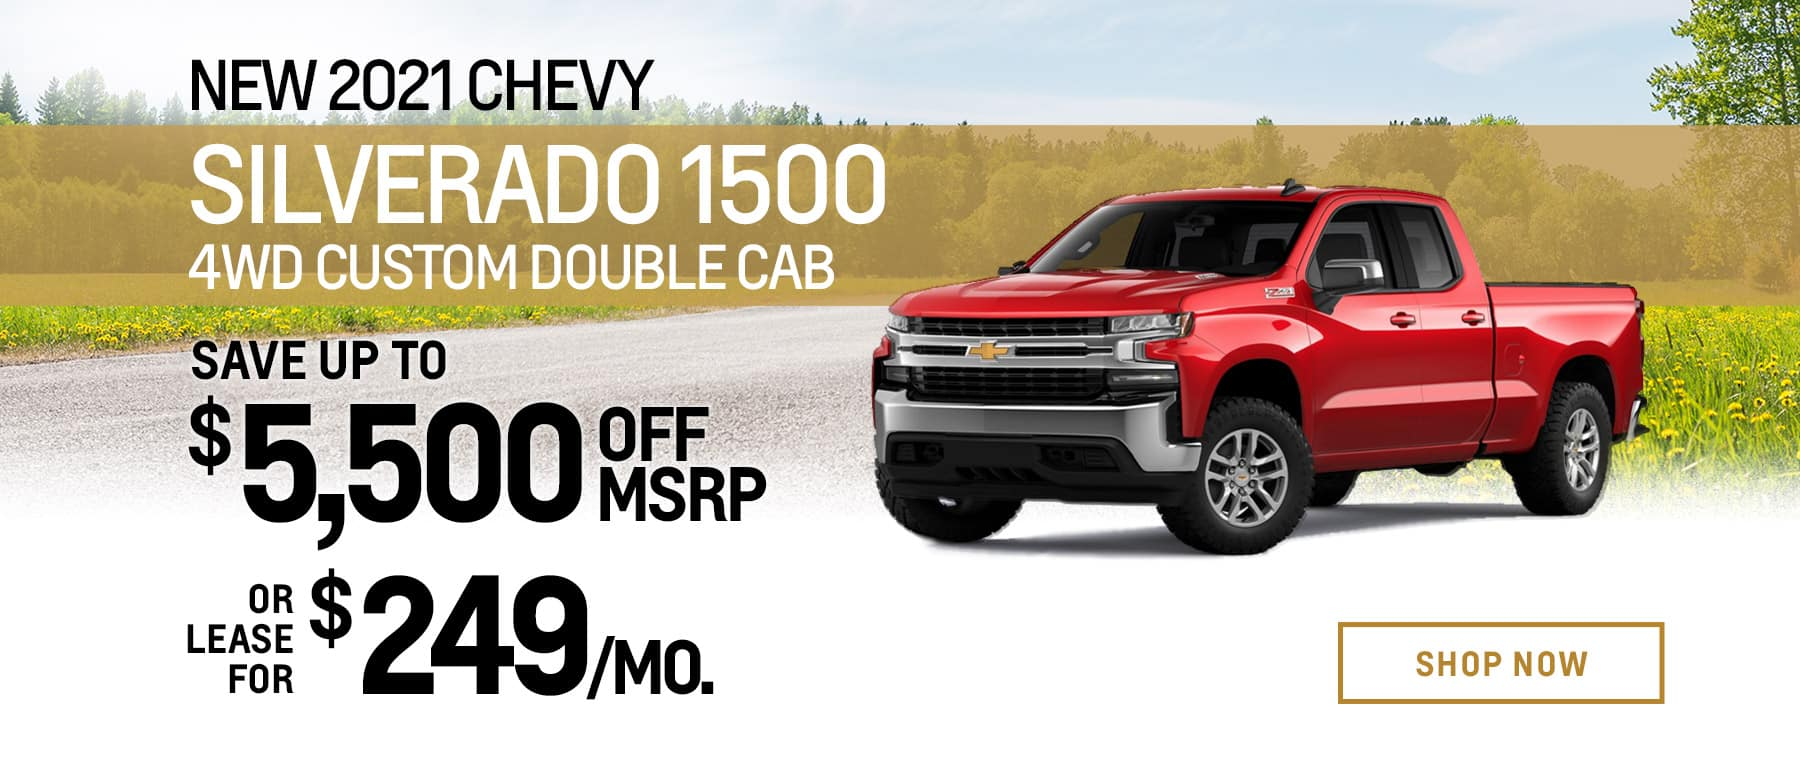 BCO-1800×760-new 2021 CHEVY Silverado 1500 4WD Custom DOUBLE Cab_-0721